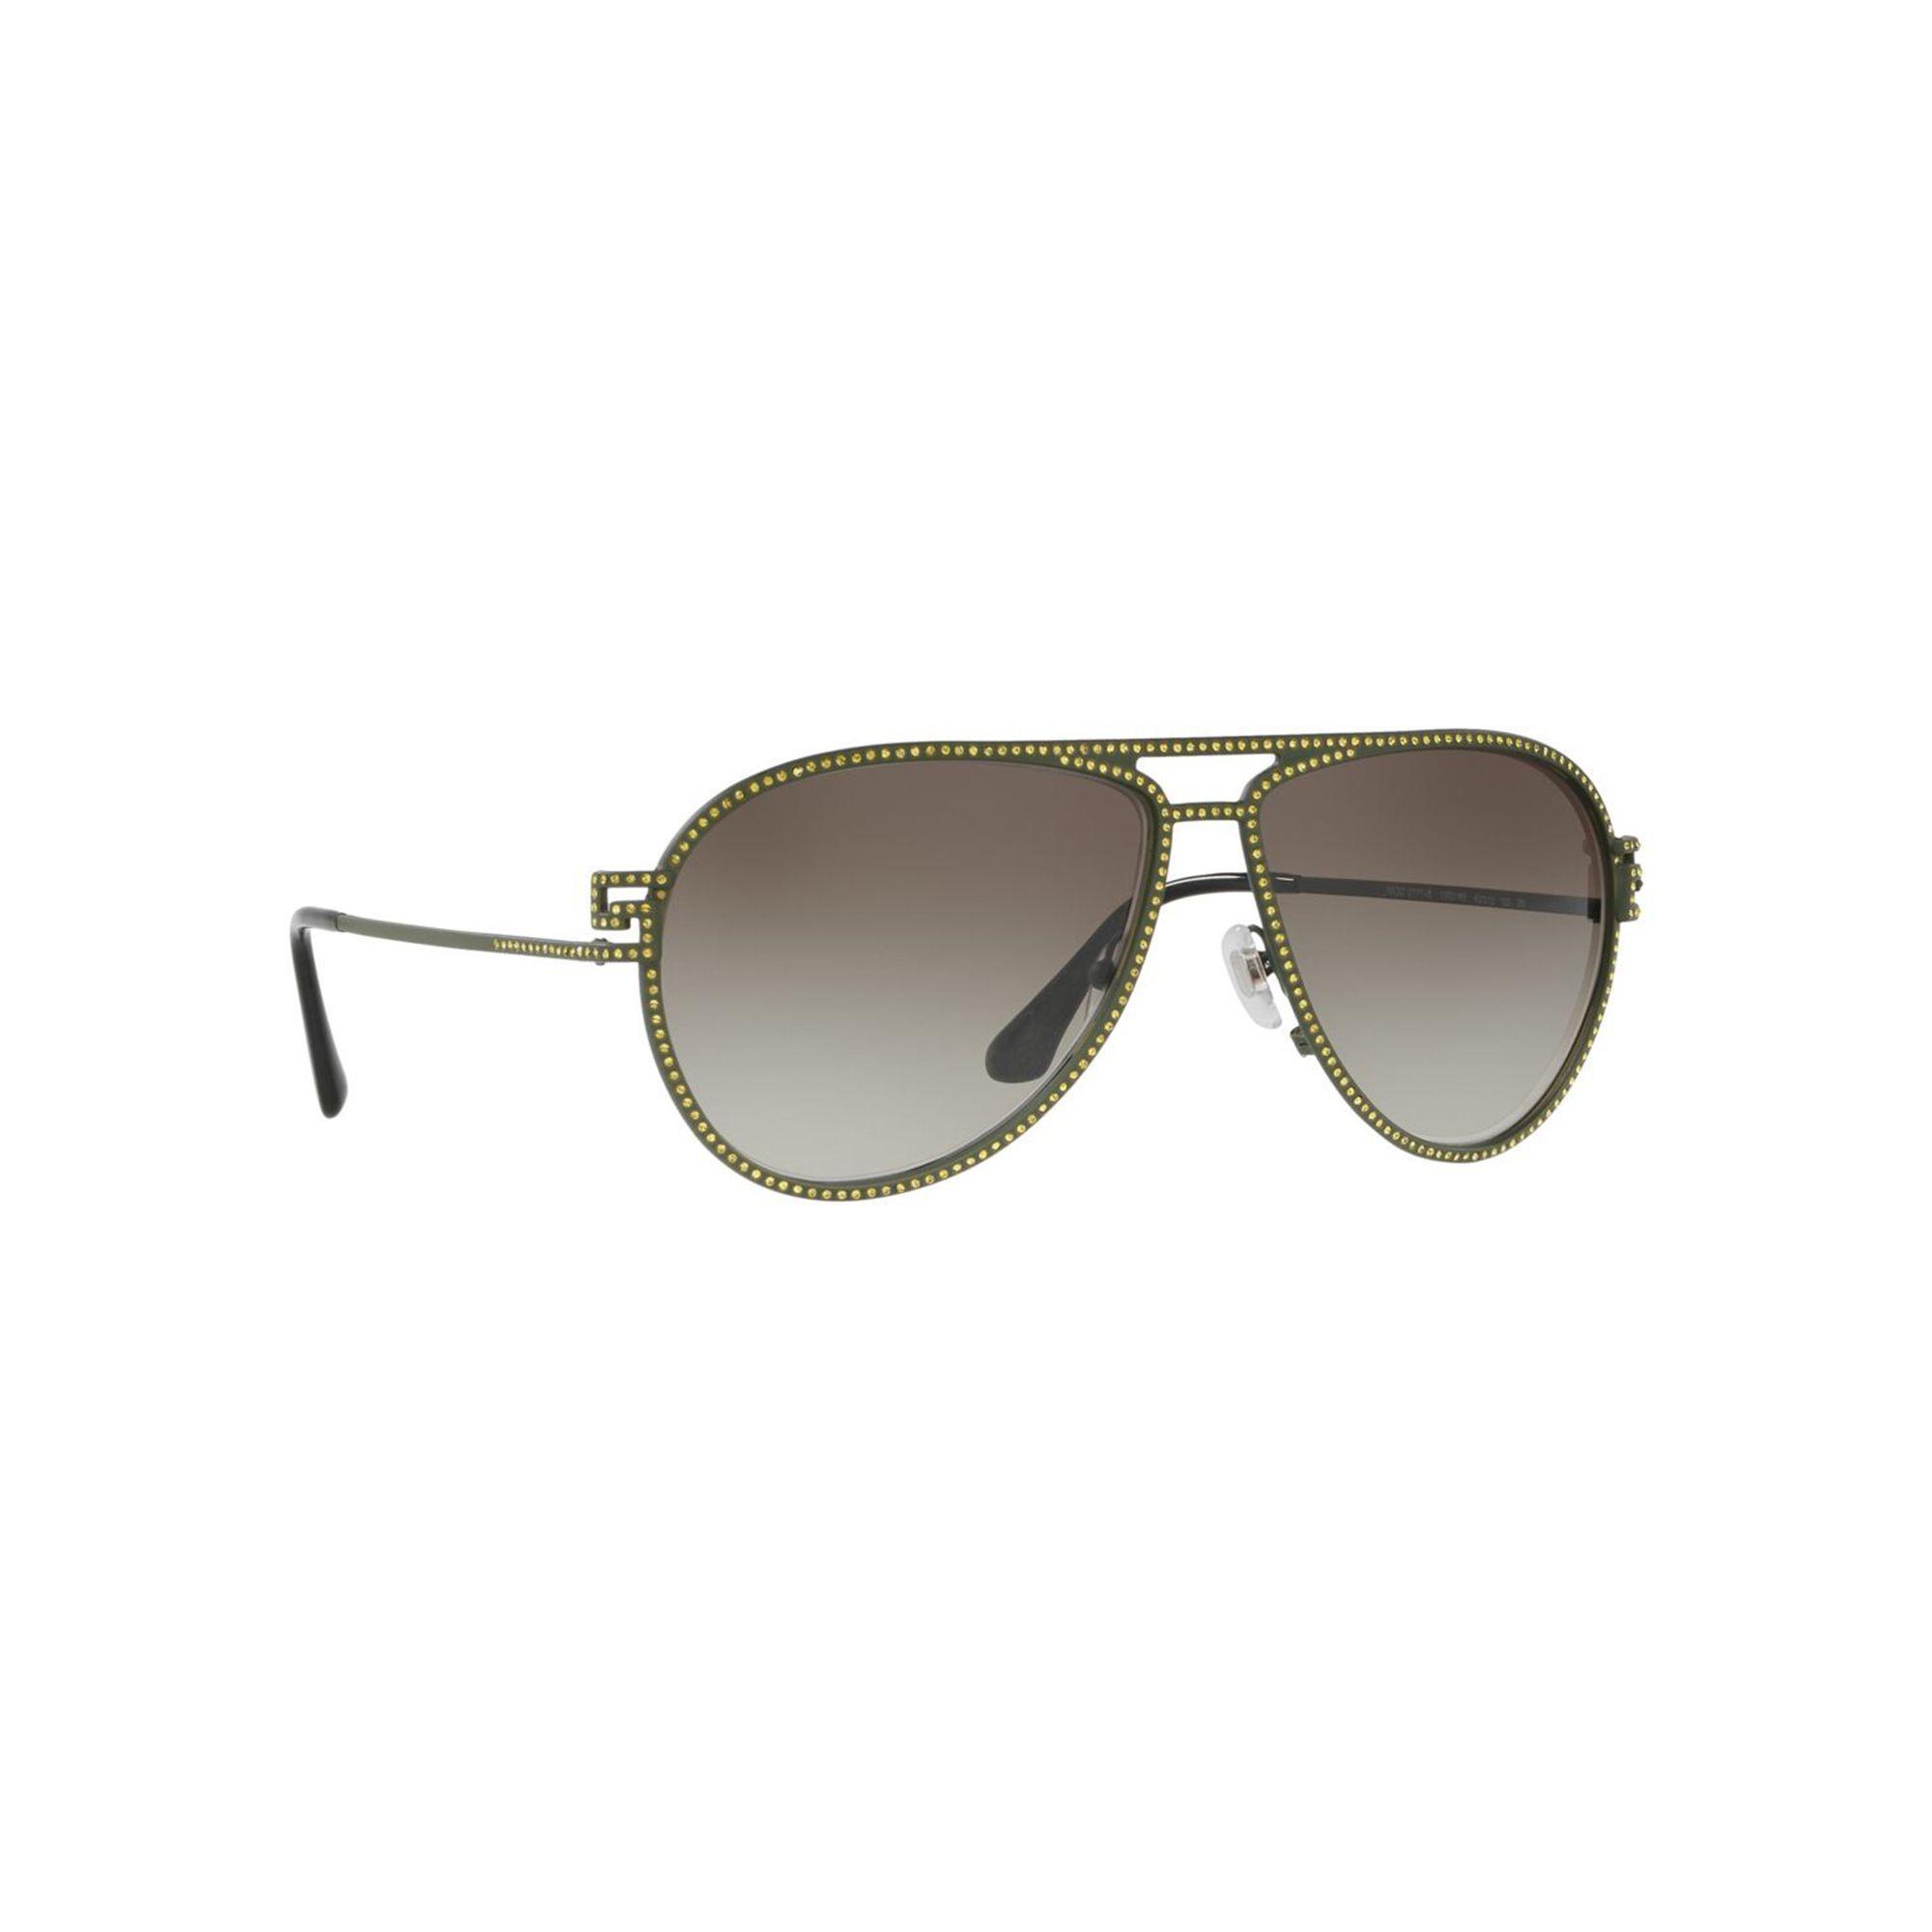 3411d02d3a4e Versace Matte Green Ve2171b Pilot Sunglasses in Green - Lyst